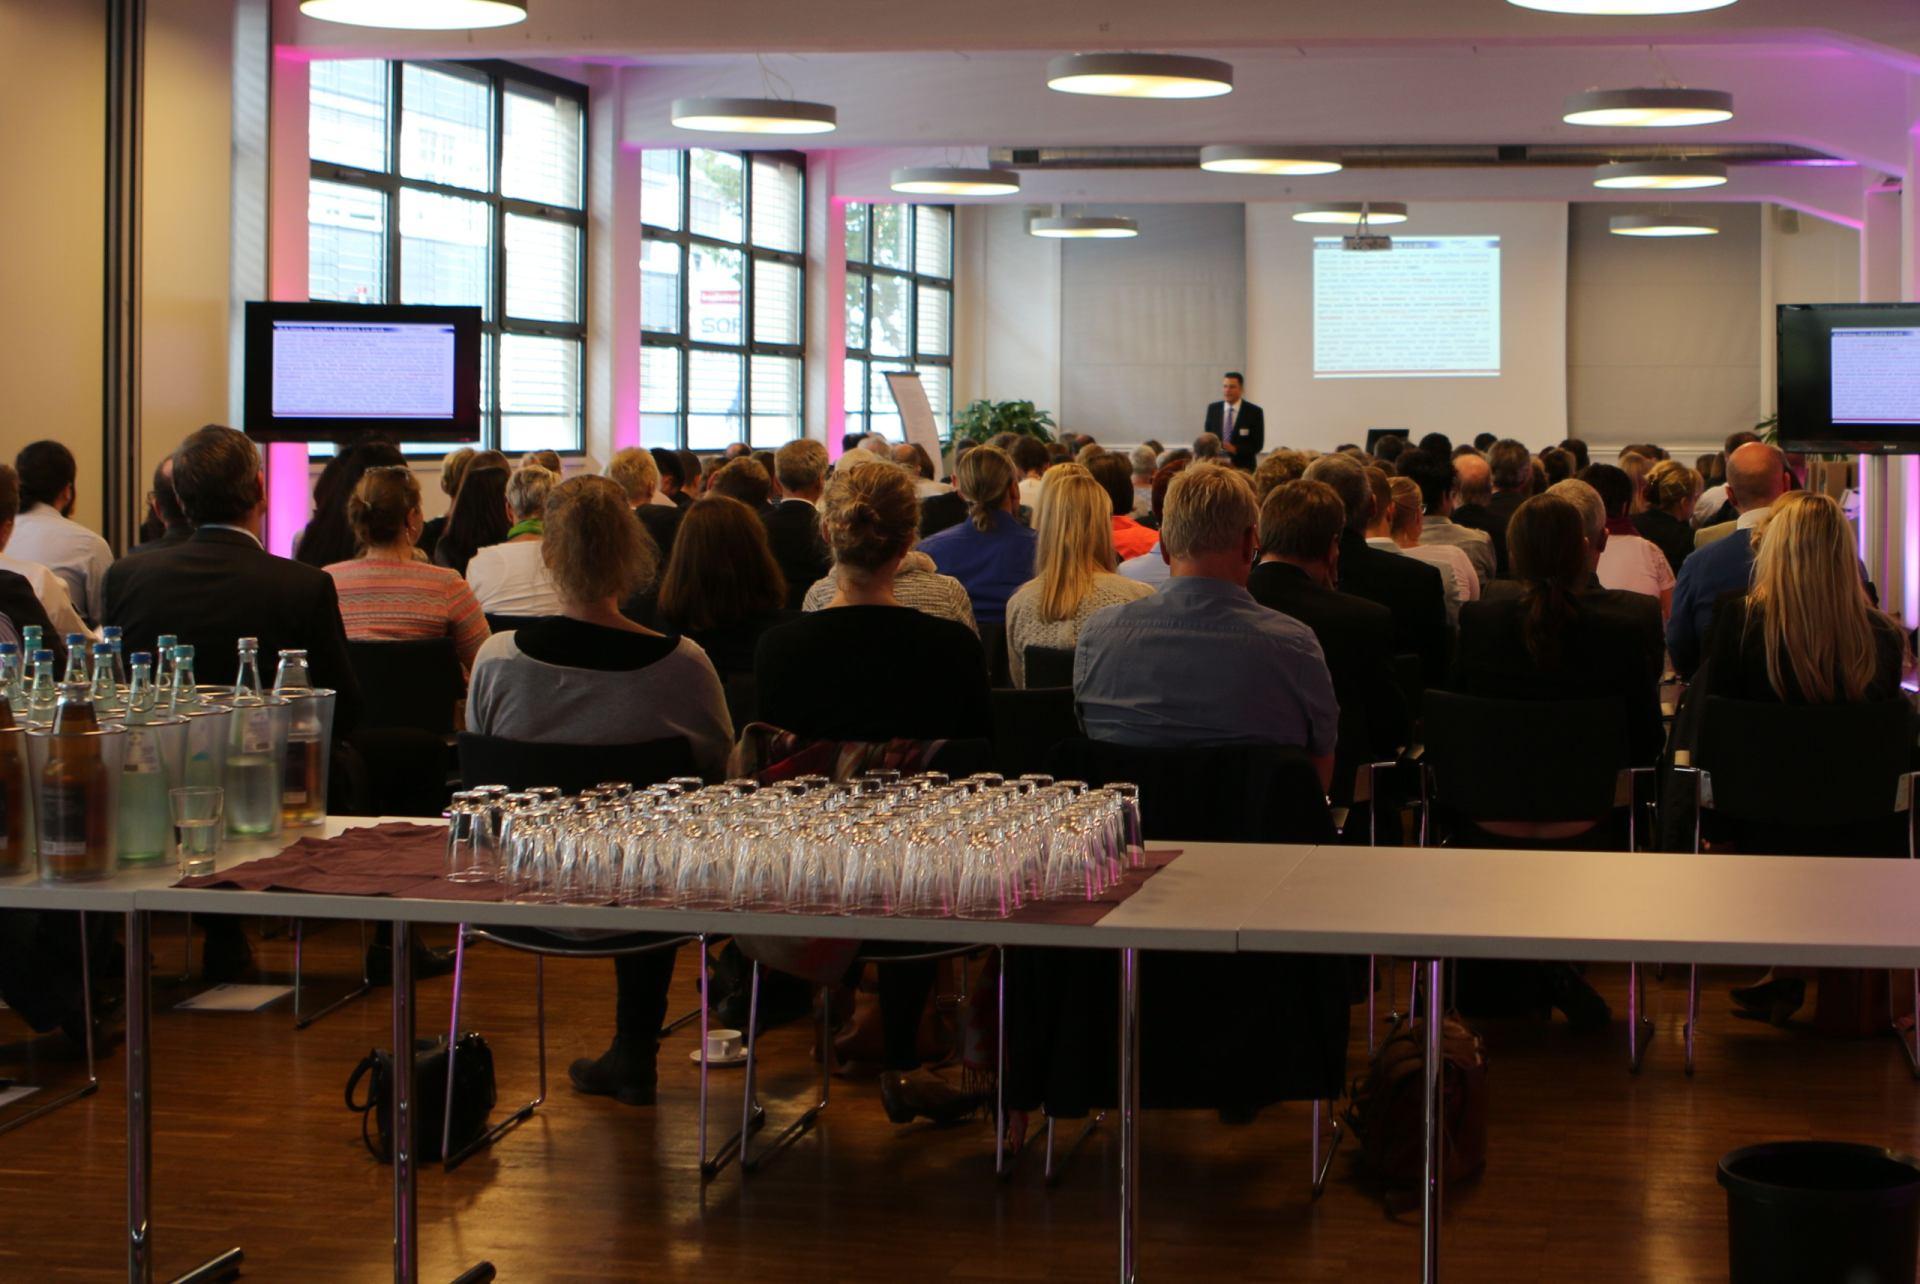 Vortragsaal mit aufmerksamen Zuhörern.